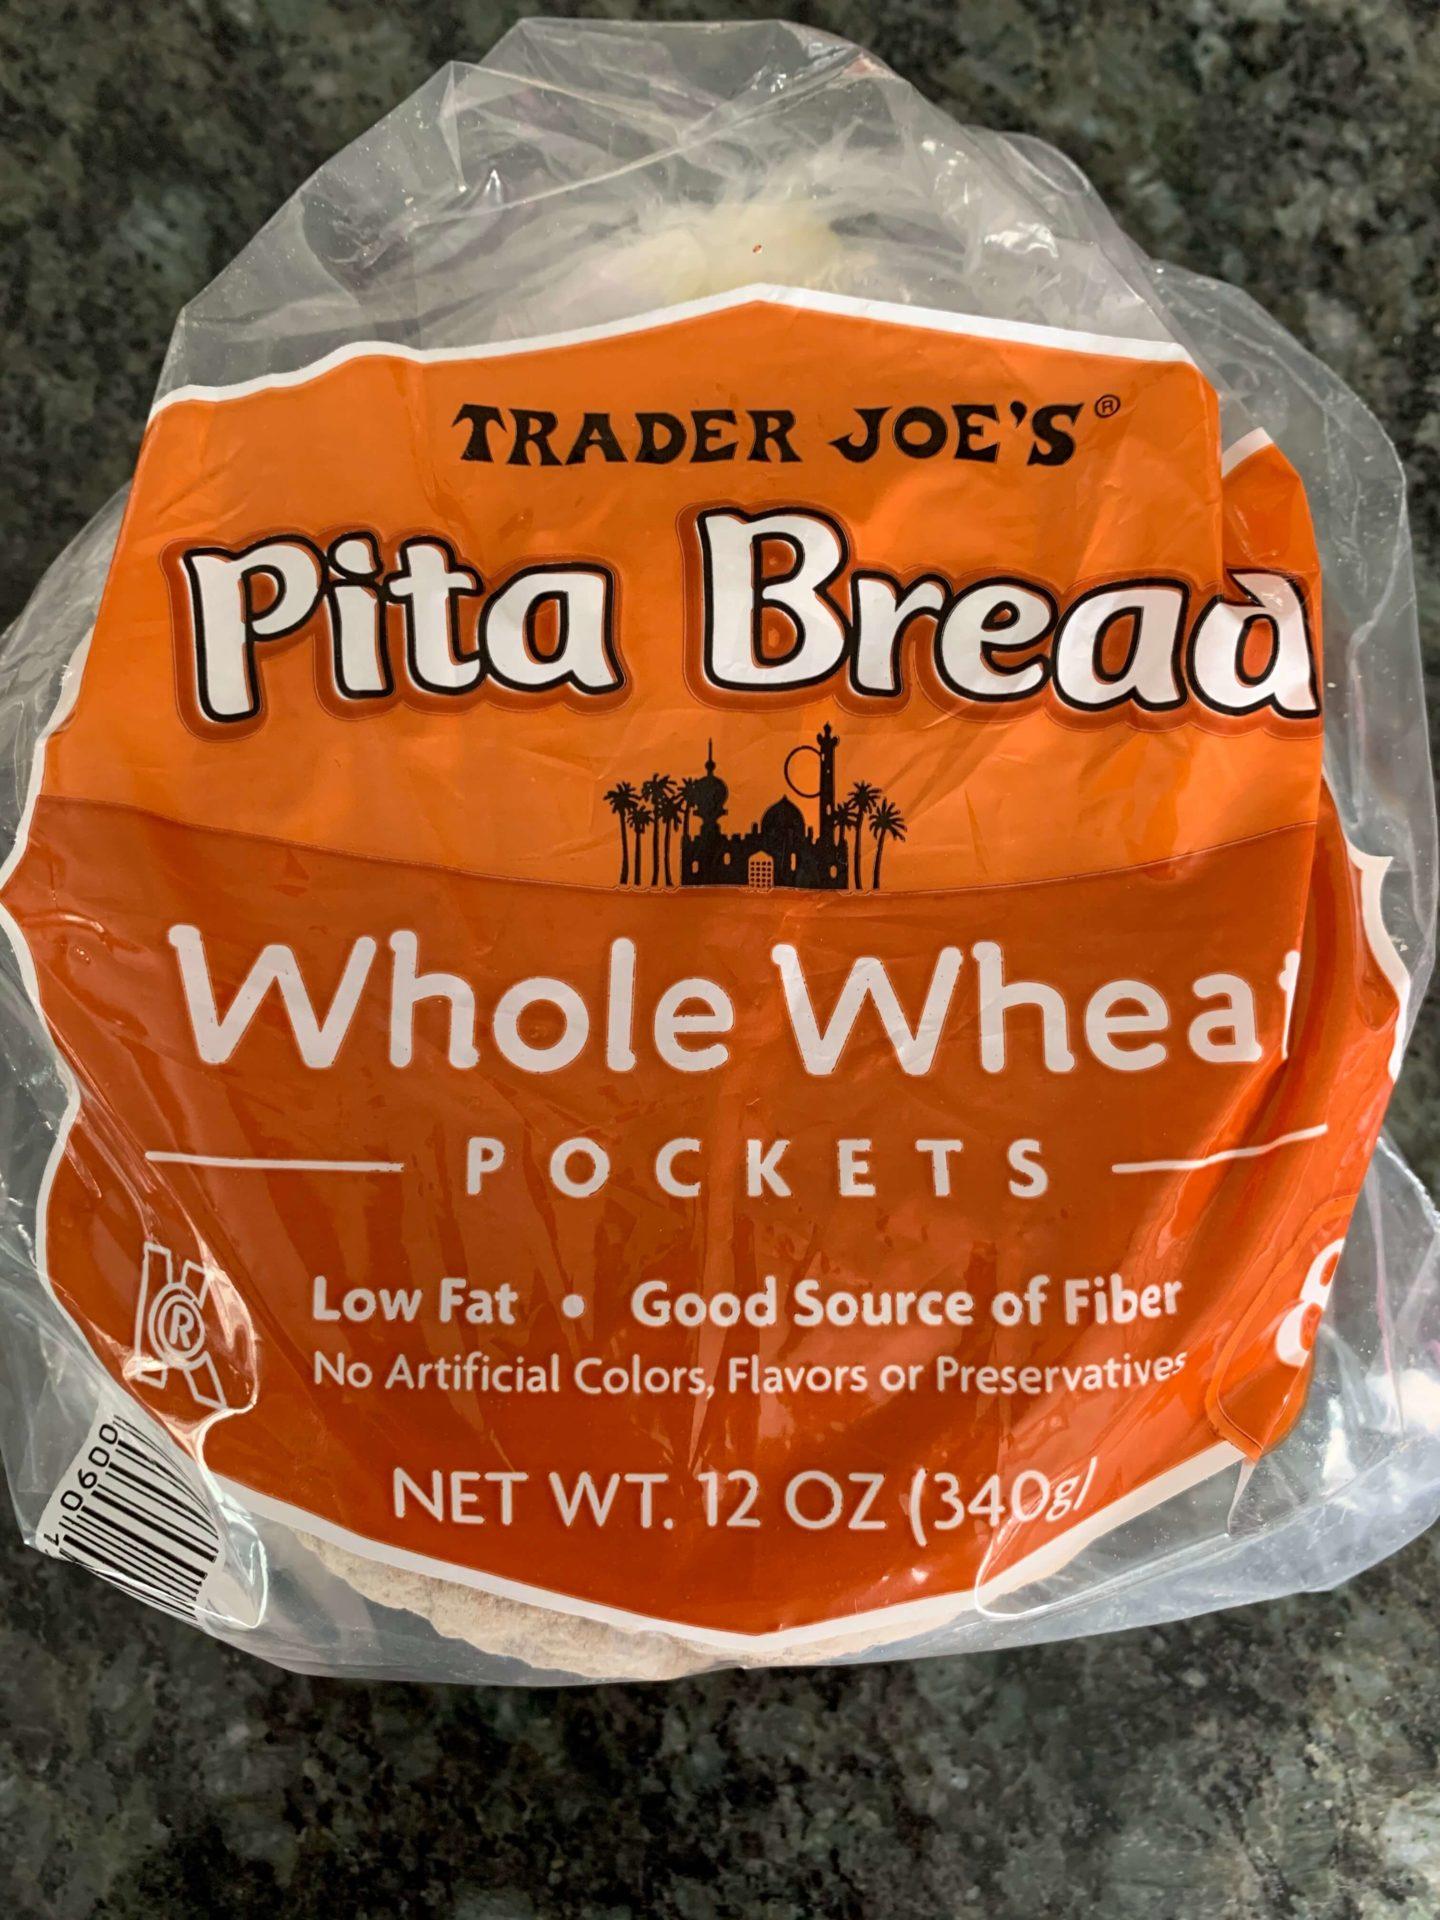 Trader Joes Whole Wheat Pita